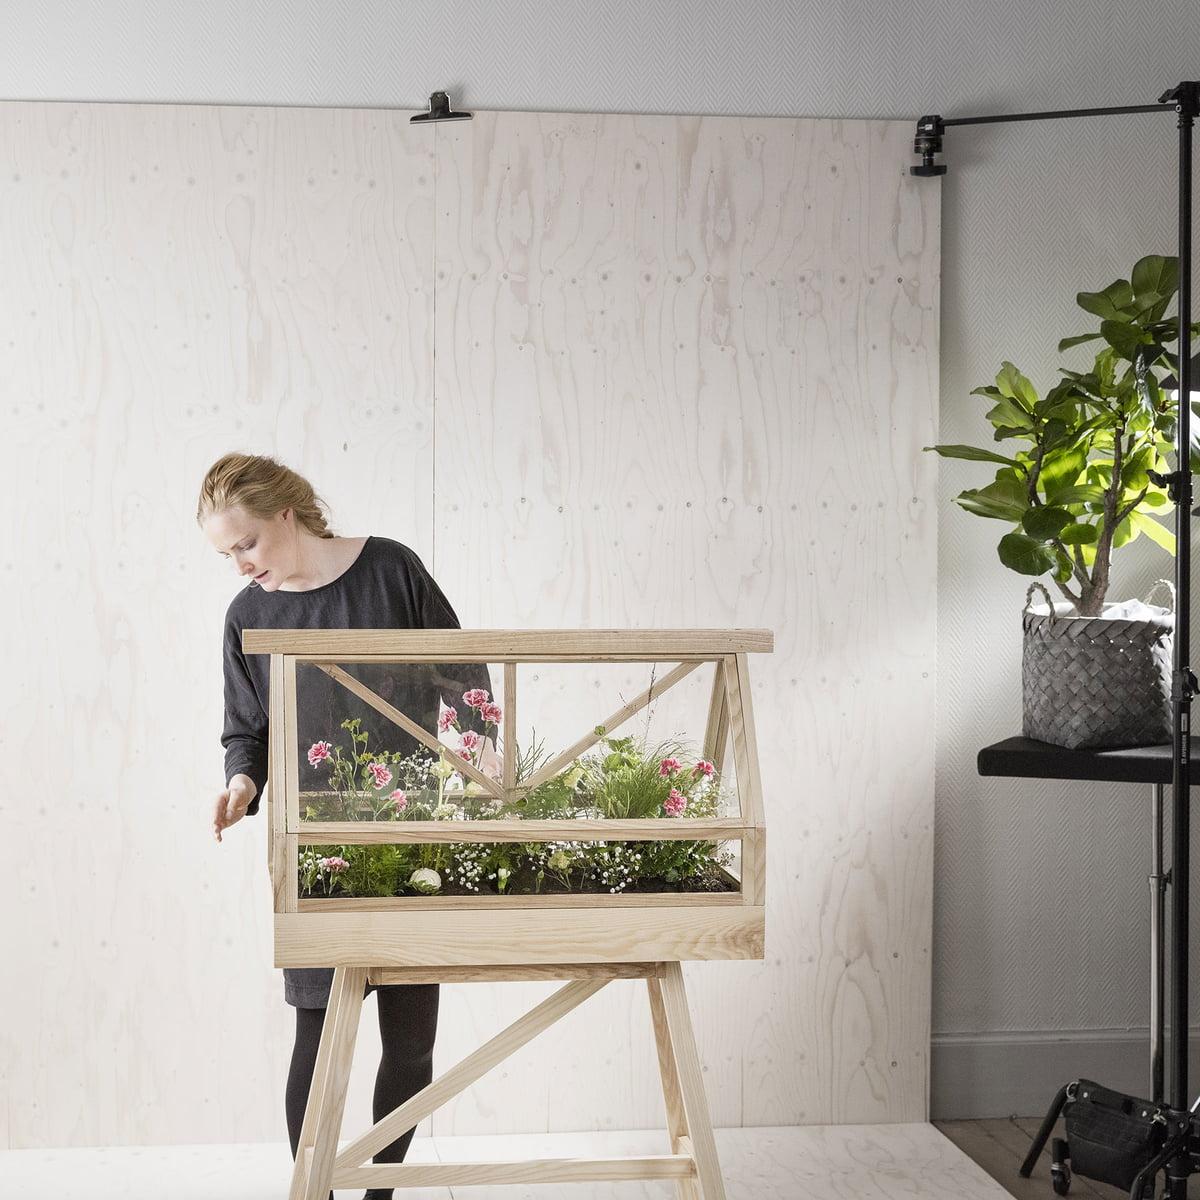 design house stockholm serre greenhouse. Black Bedroom Furniture Sets. Home Design Ideas